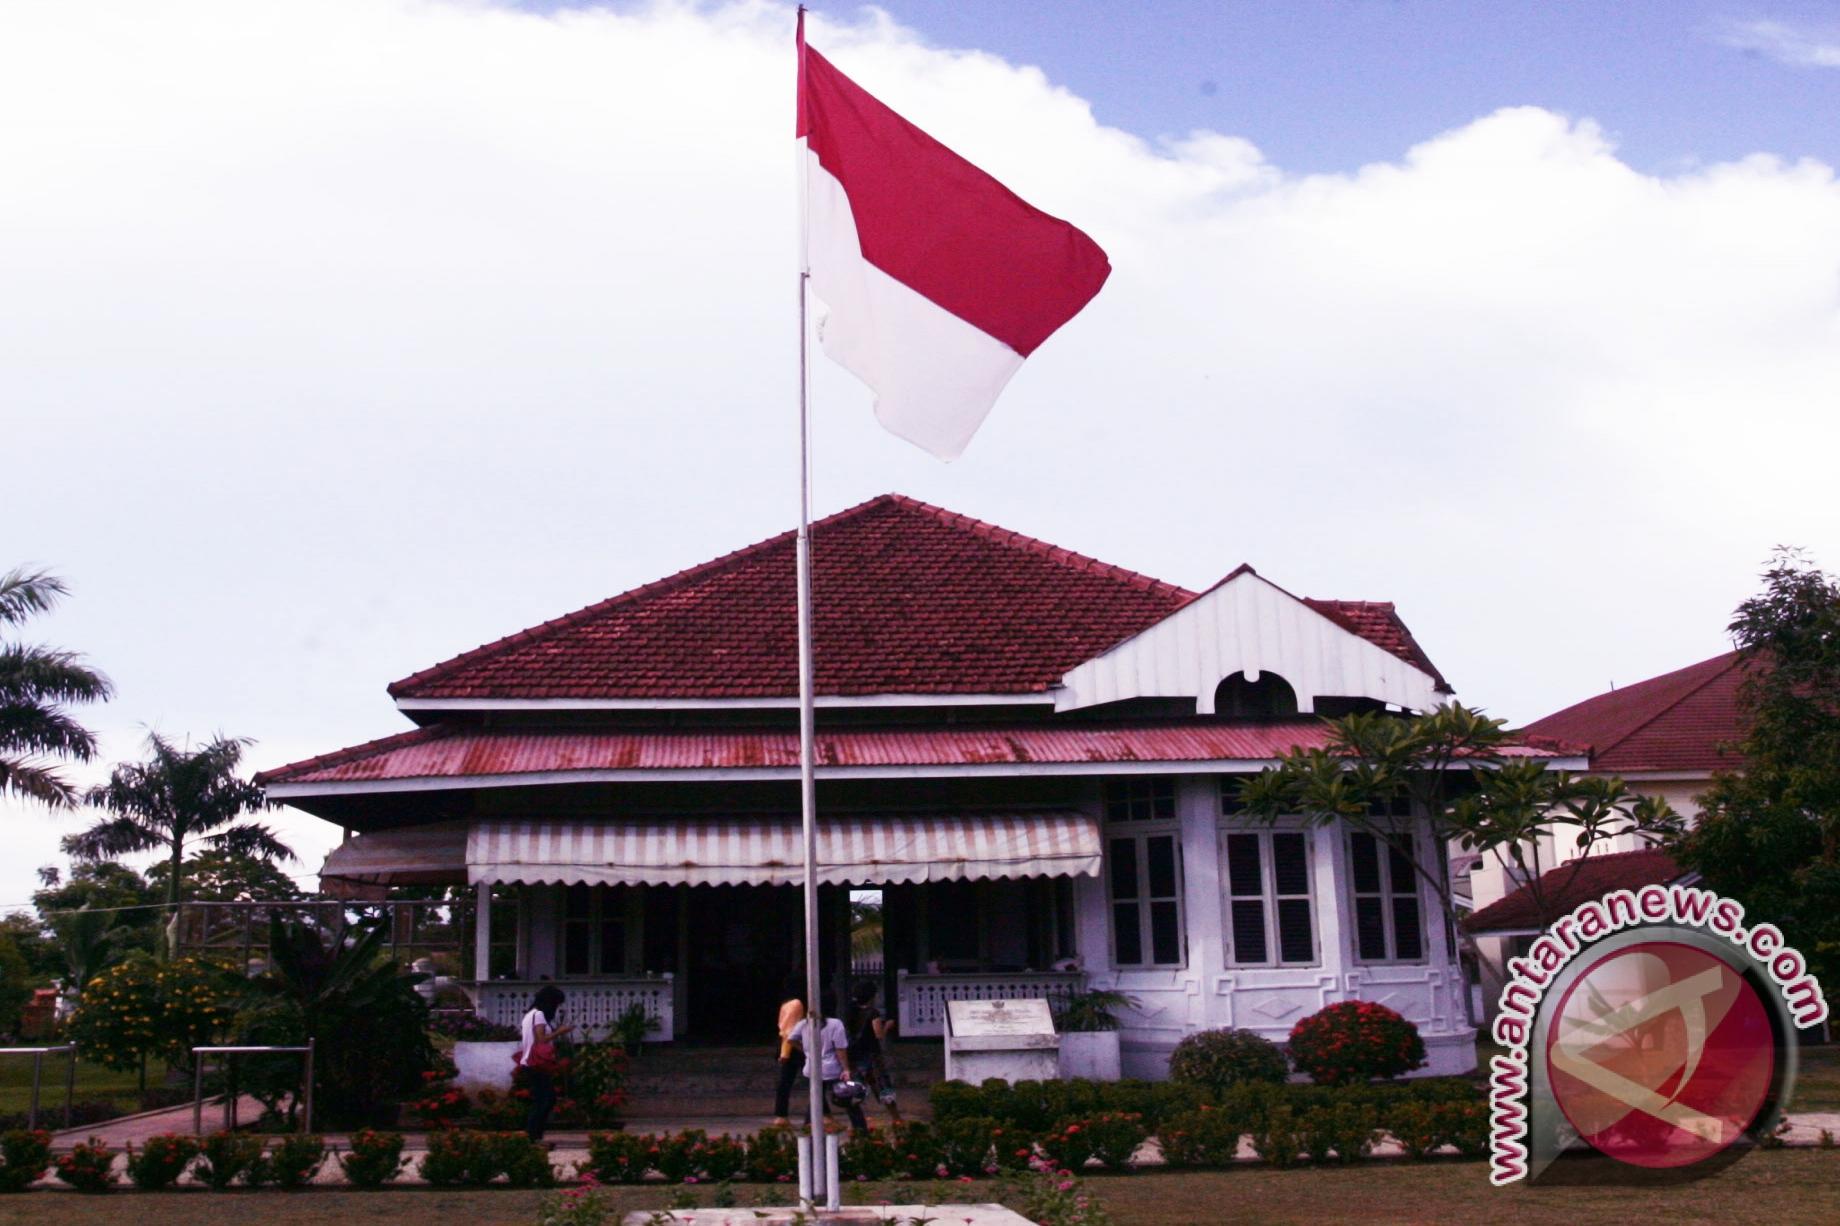 Puan Ijinkan Pemerintah Rawat Rumah Pengasingan Bung Karno Bengkulu Kota